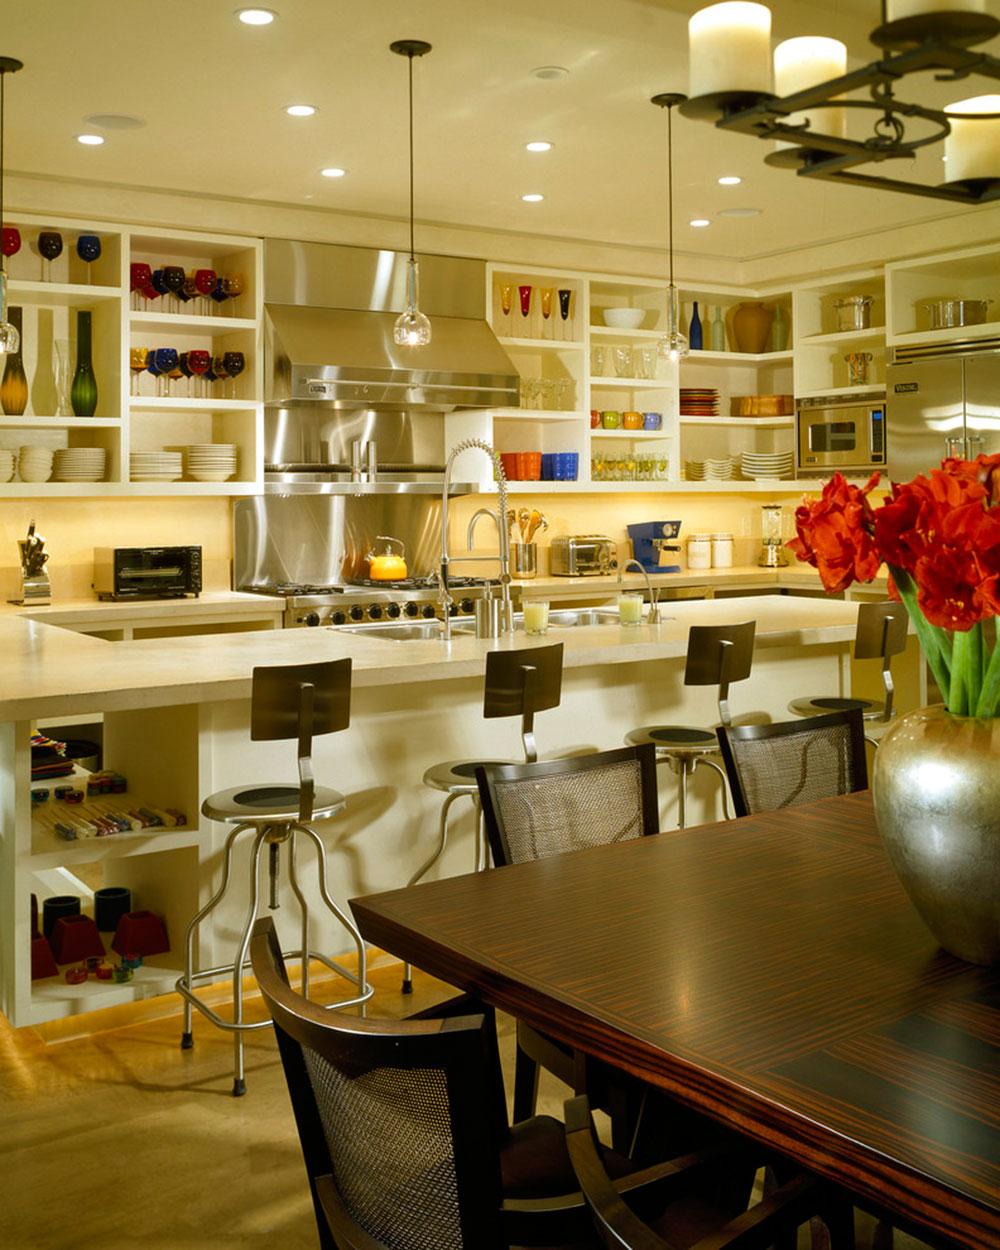 Öppna köksskåp är lättare att använda1 Öppna köksskåp är lättare att använda